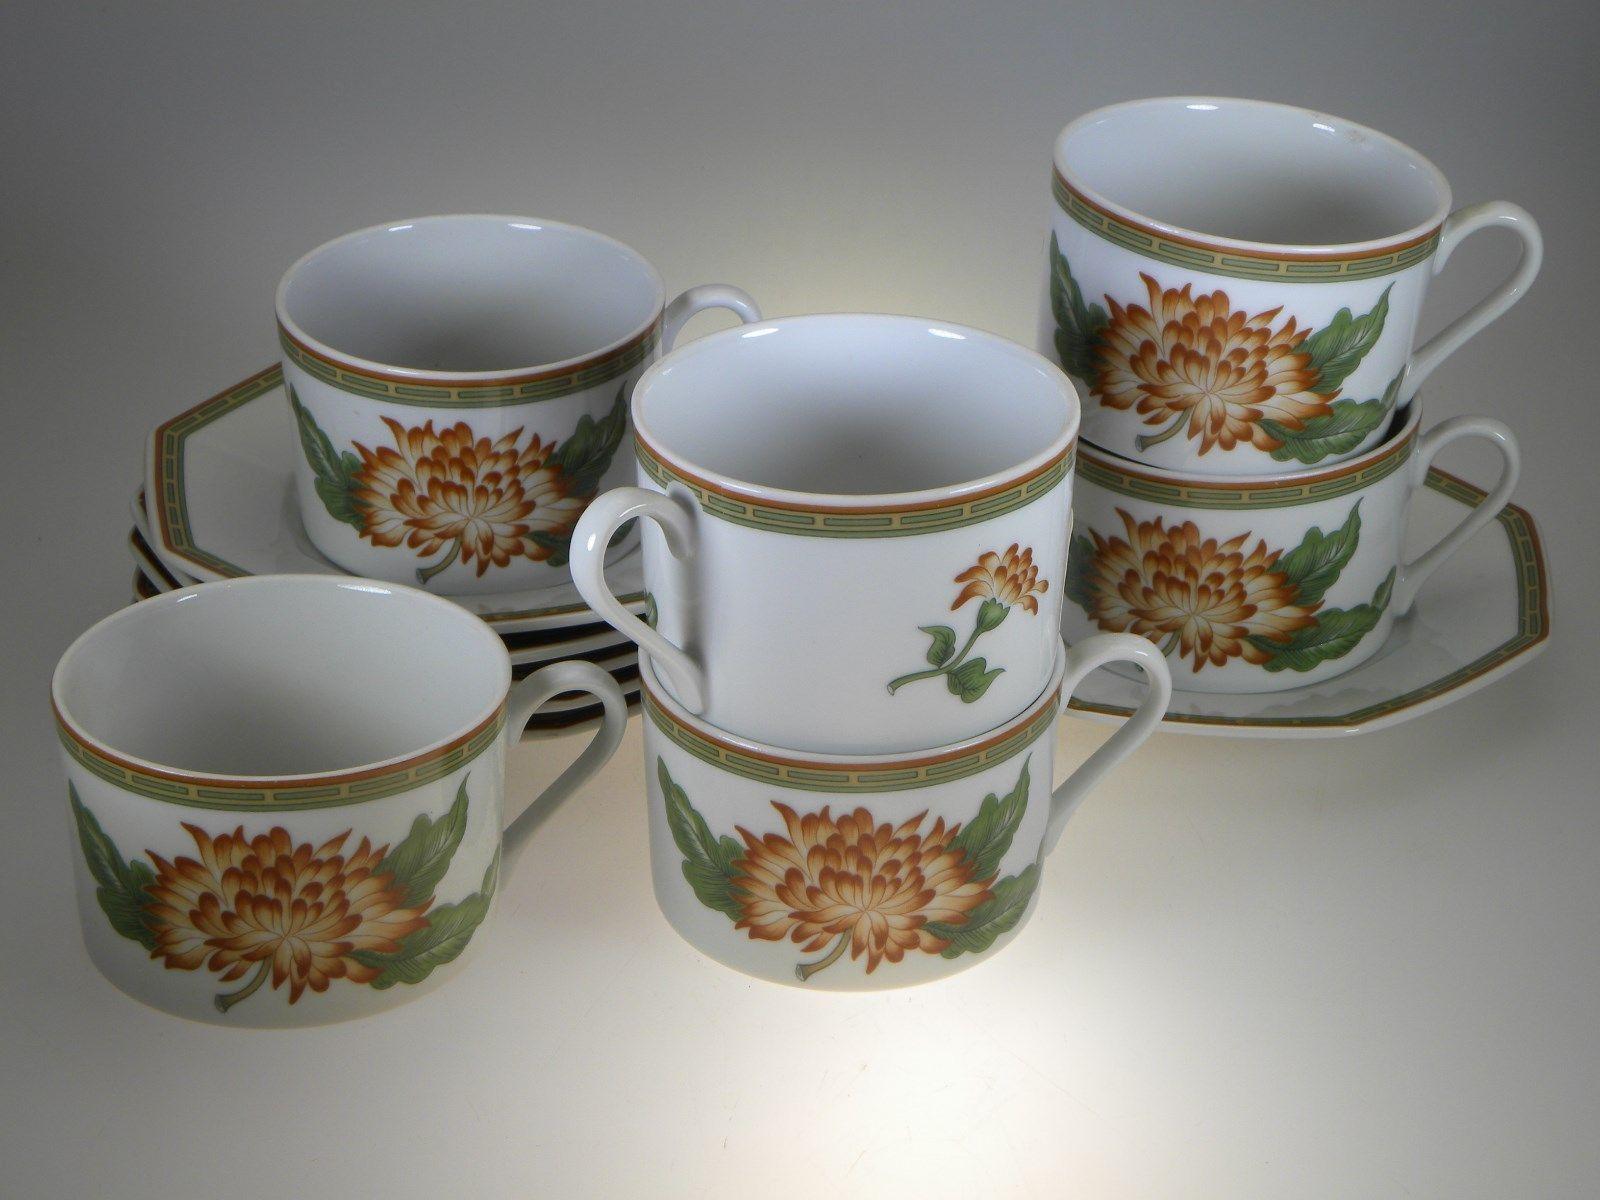 Fitz u0026 Floyd Chrysantheme Tea Cups u0026 Saucers Set of 6 - $49.51 & Fitz Floyd China: 35 listings